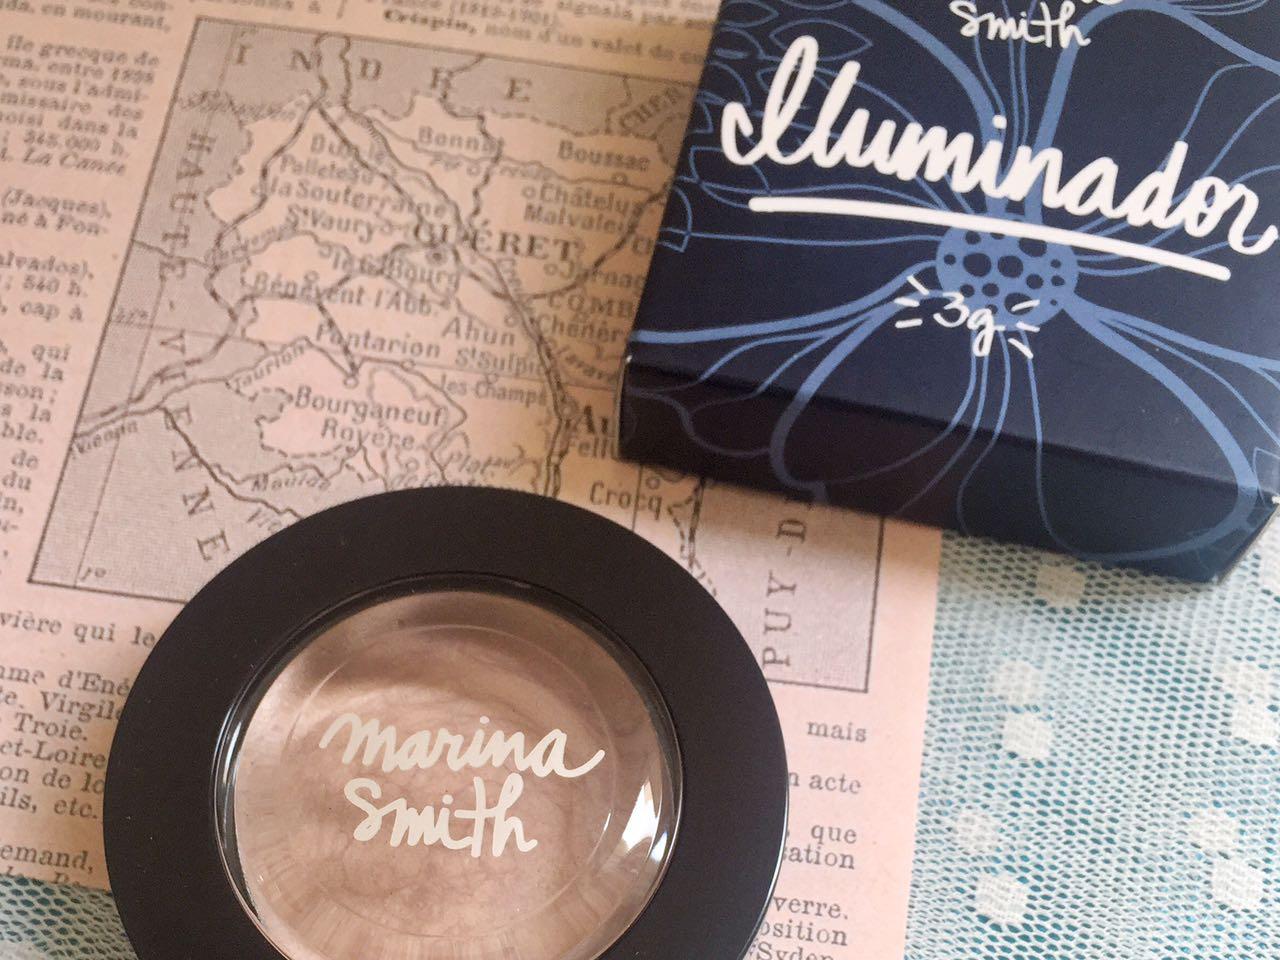 Iluminador Marina Smith